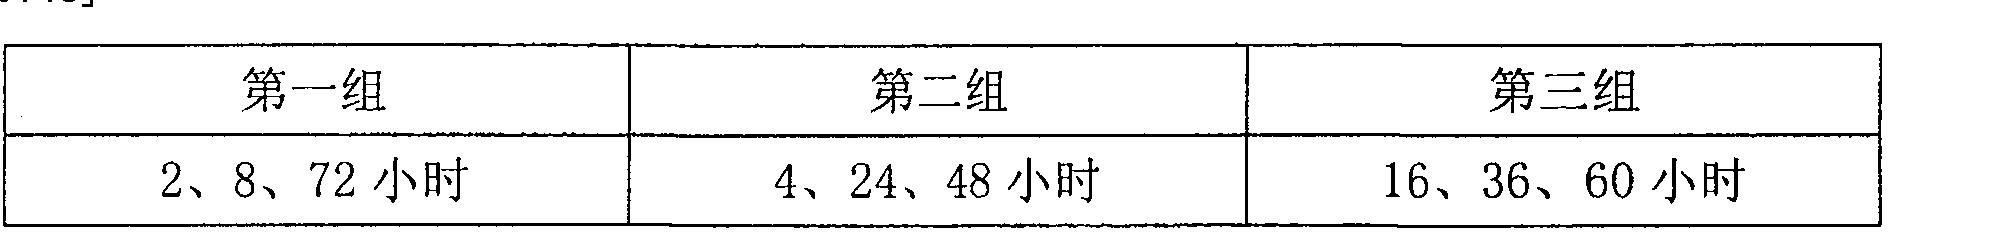 Figure CN101125207BD00151